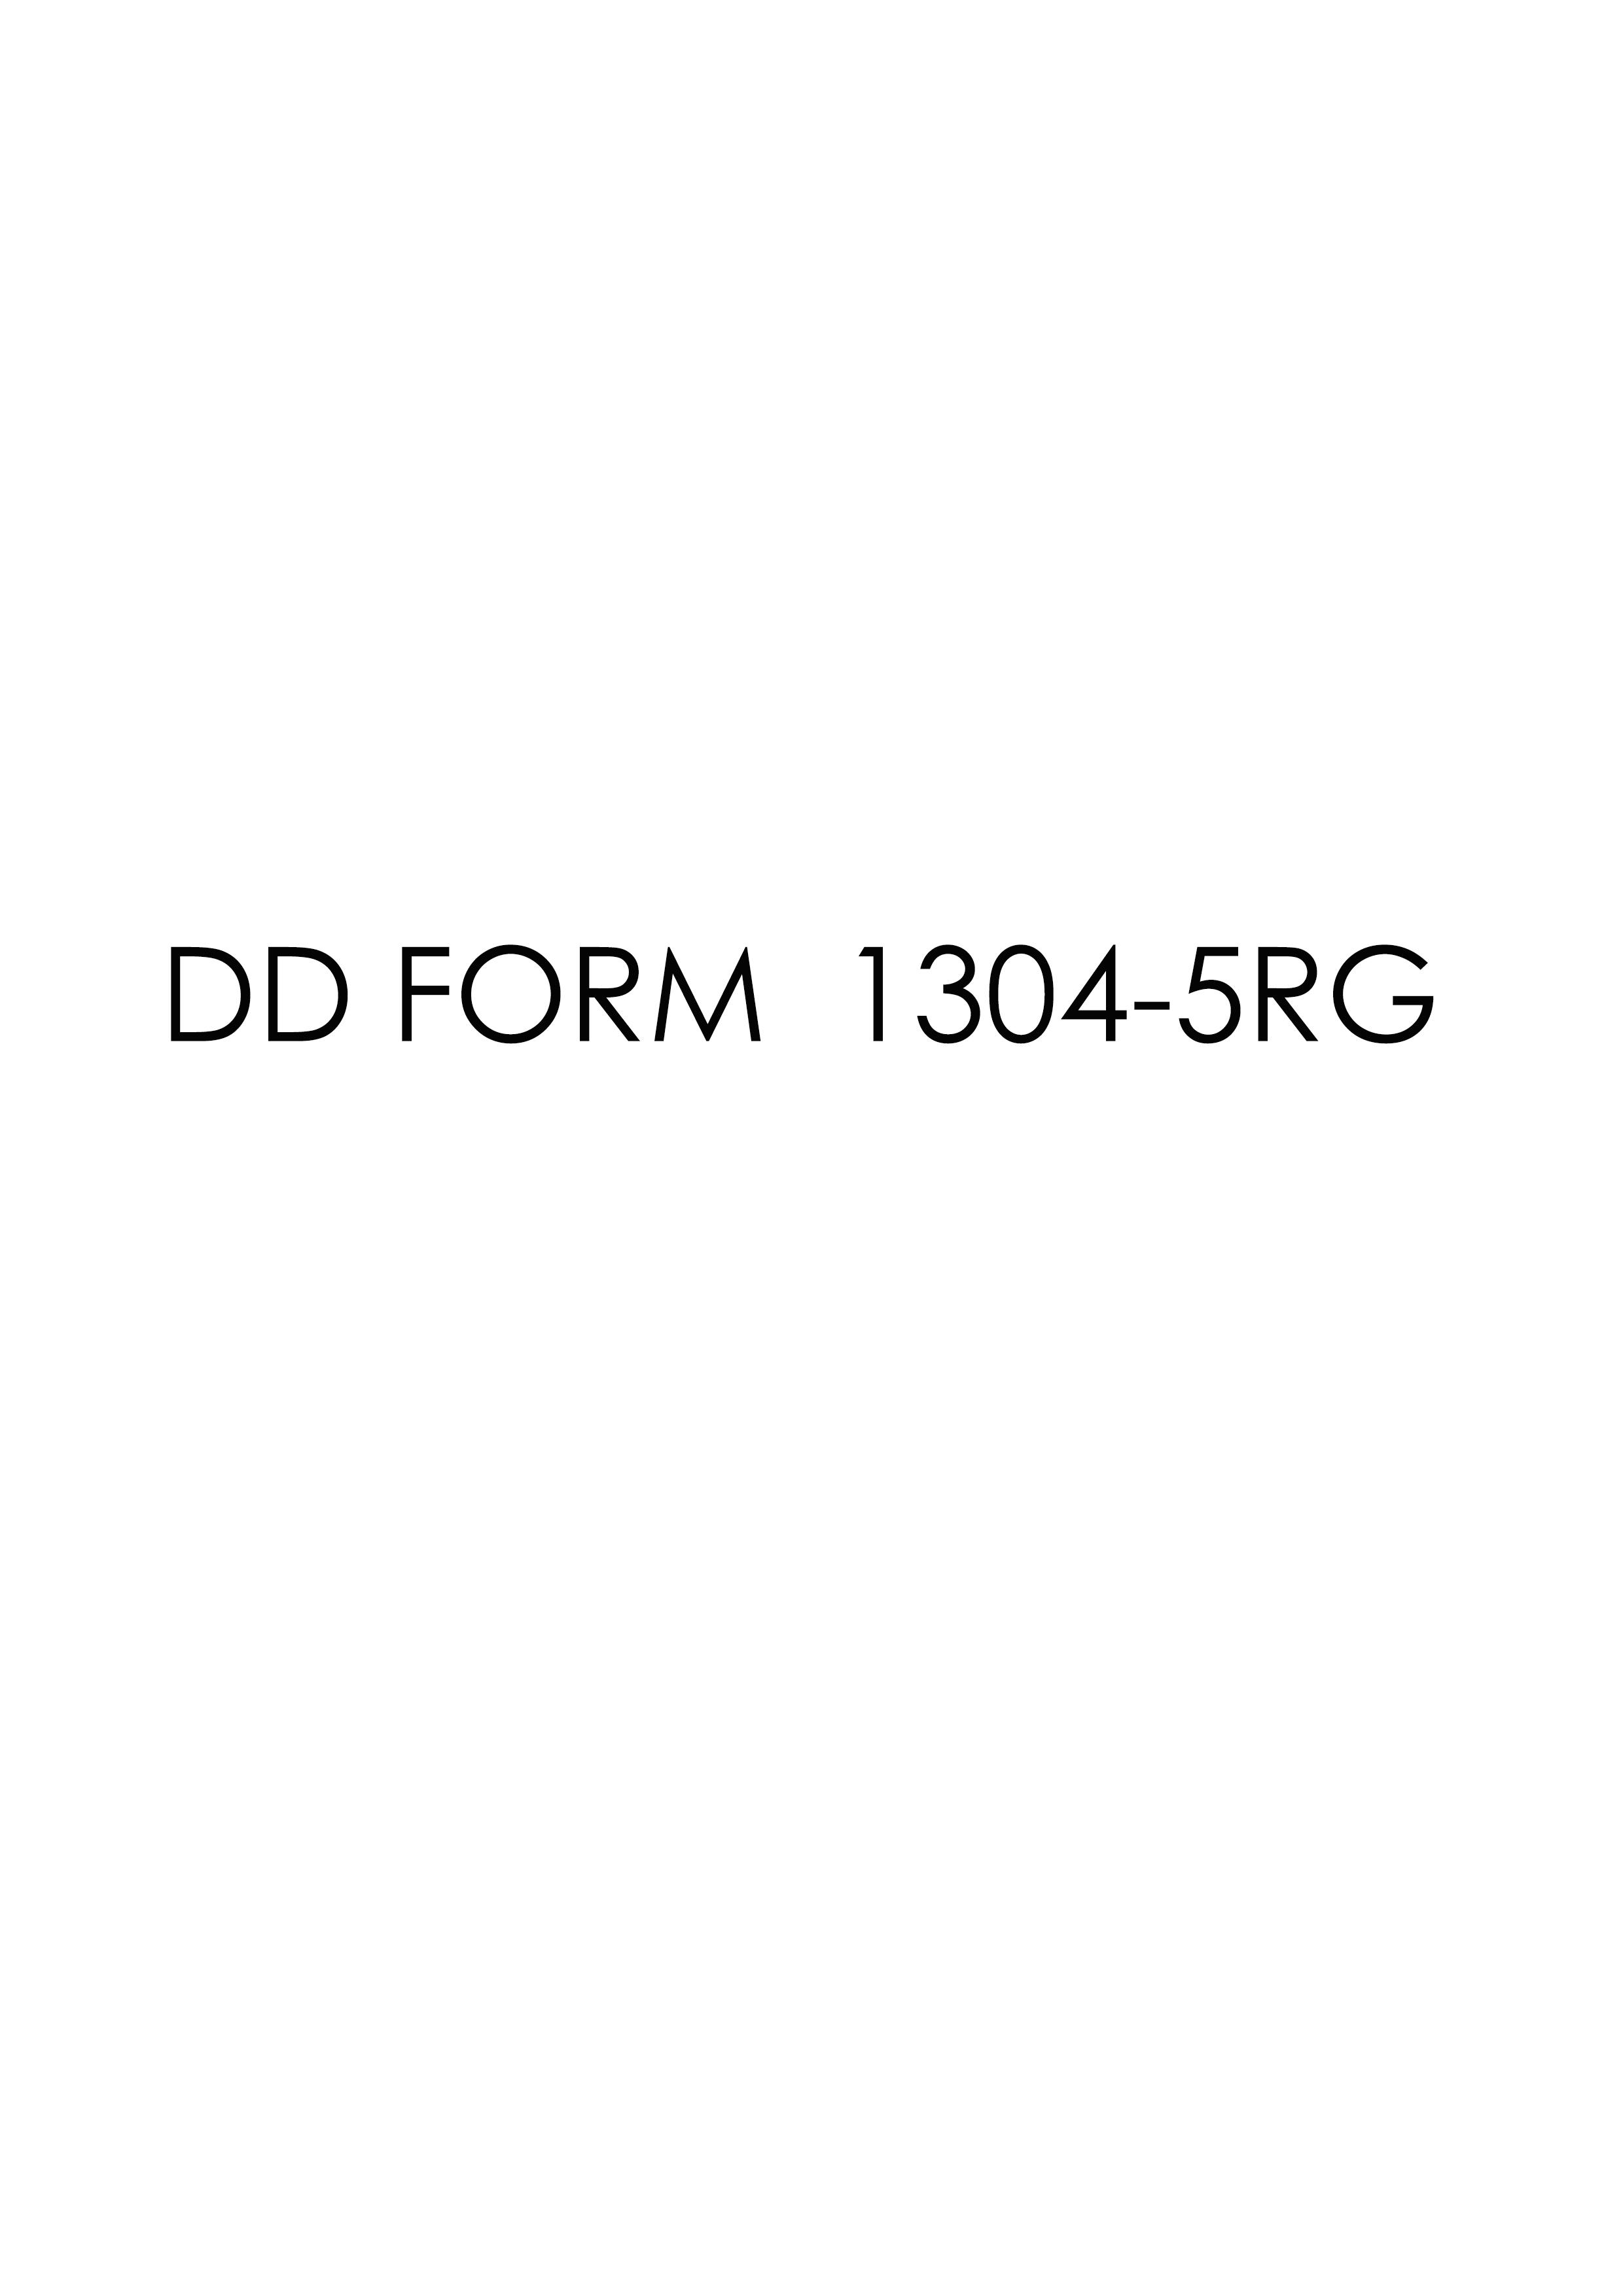 Download dd Form 1304-5RG Free